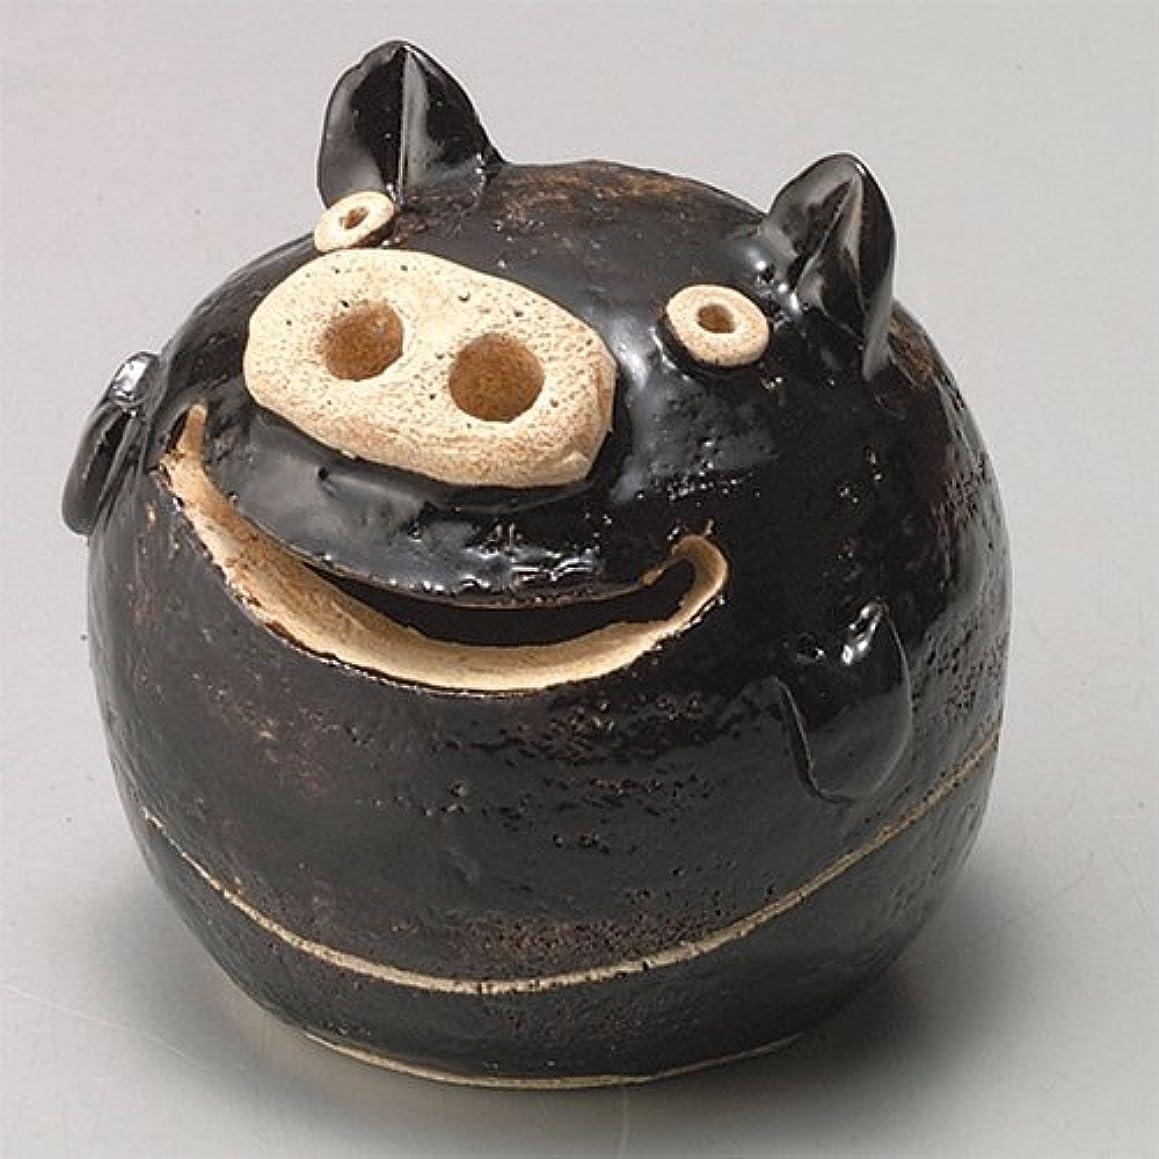 賛辞トマト投げる香炉 ぶた君 香炉(黒) [H9cm] HANDMADE プレゼント ギフト 和食器 かわいい インテリア